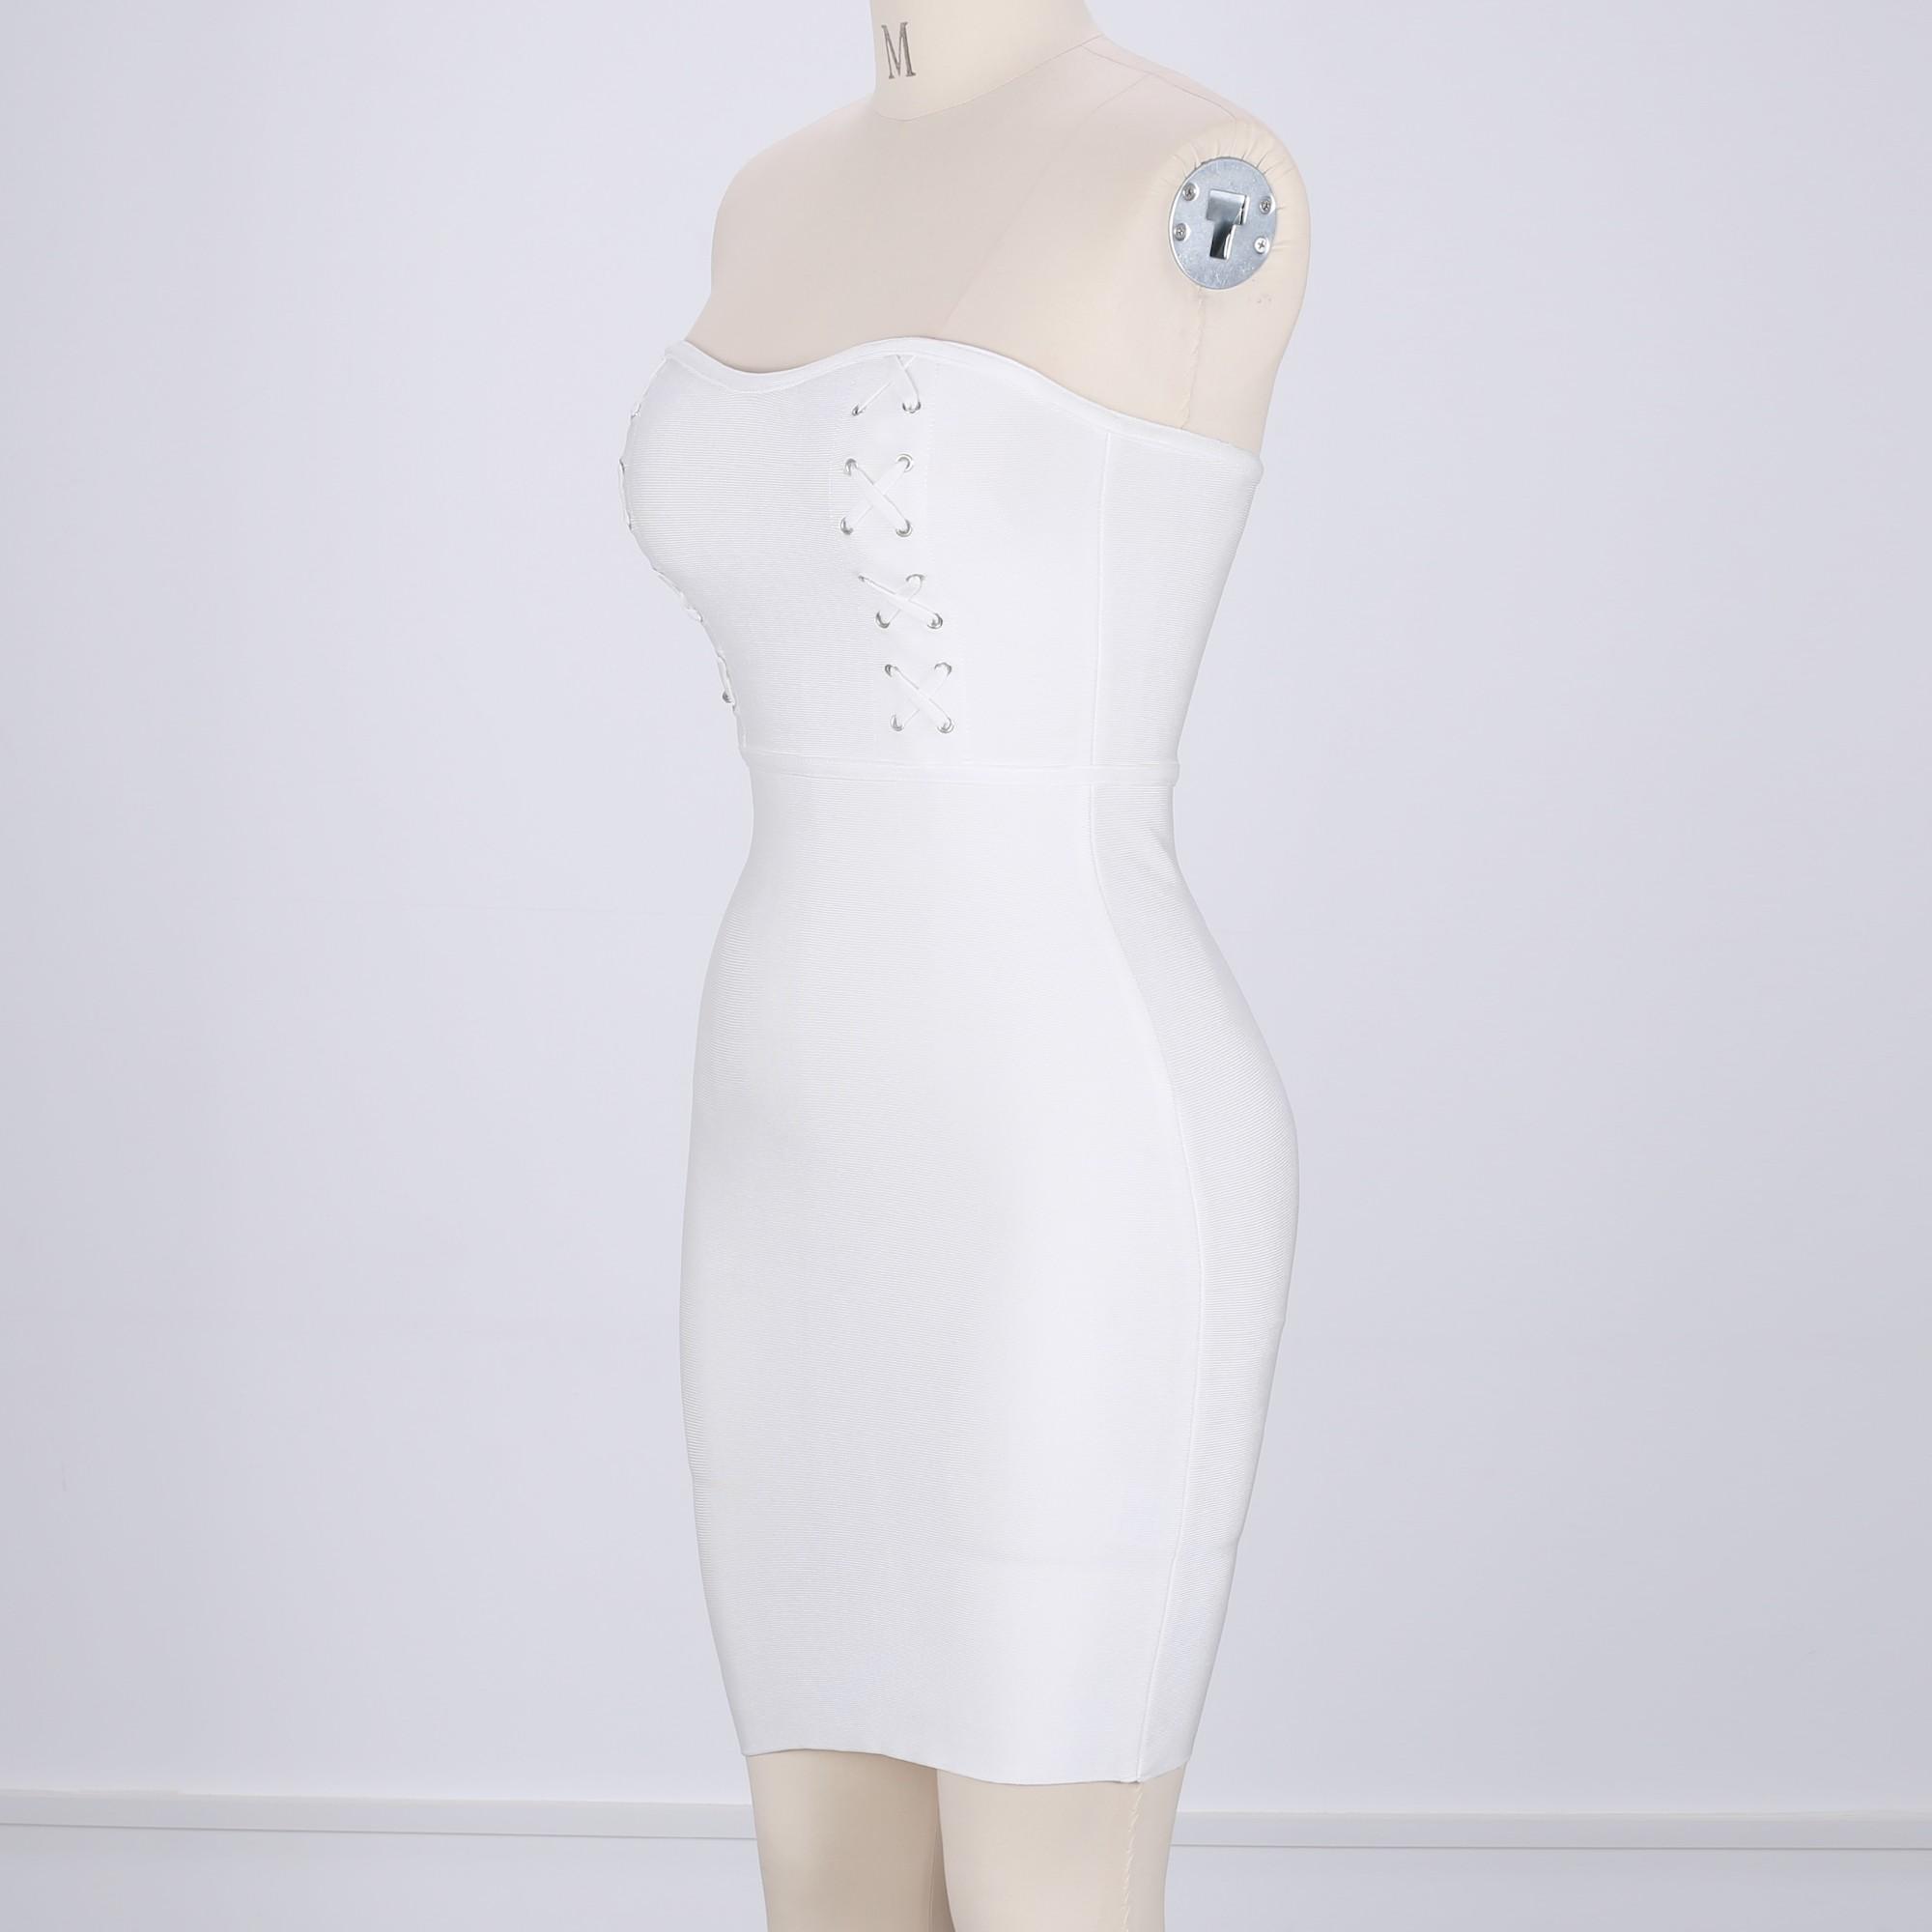 Rayon - White Strapless Sleeveless Mini Metal Studded Lace Up Sexy Bandage Dress H0110-White